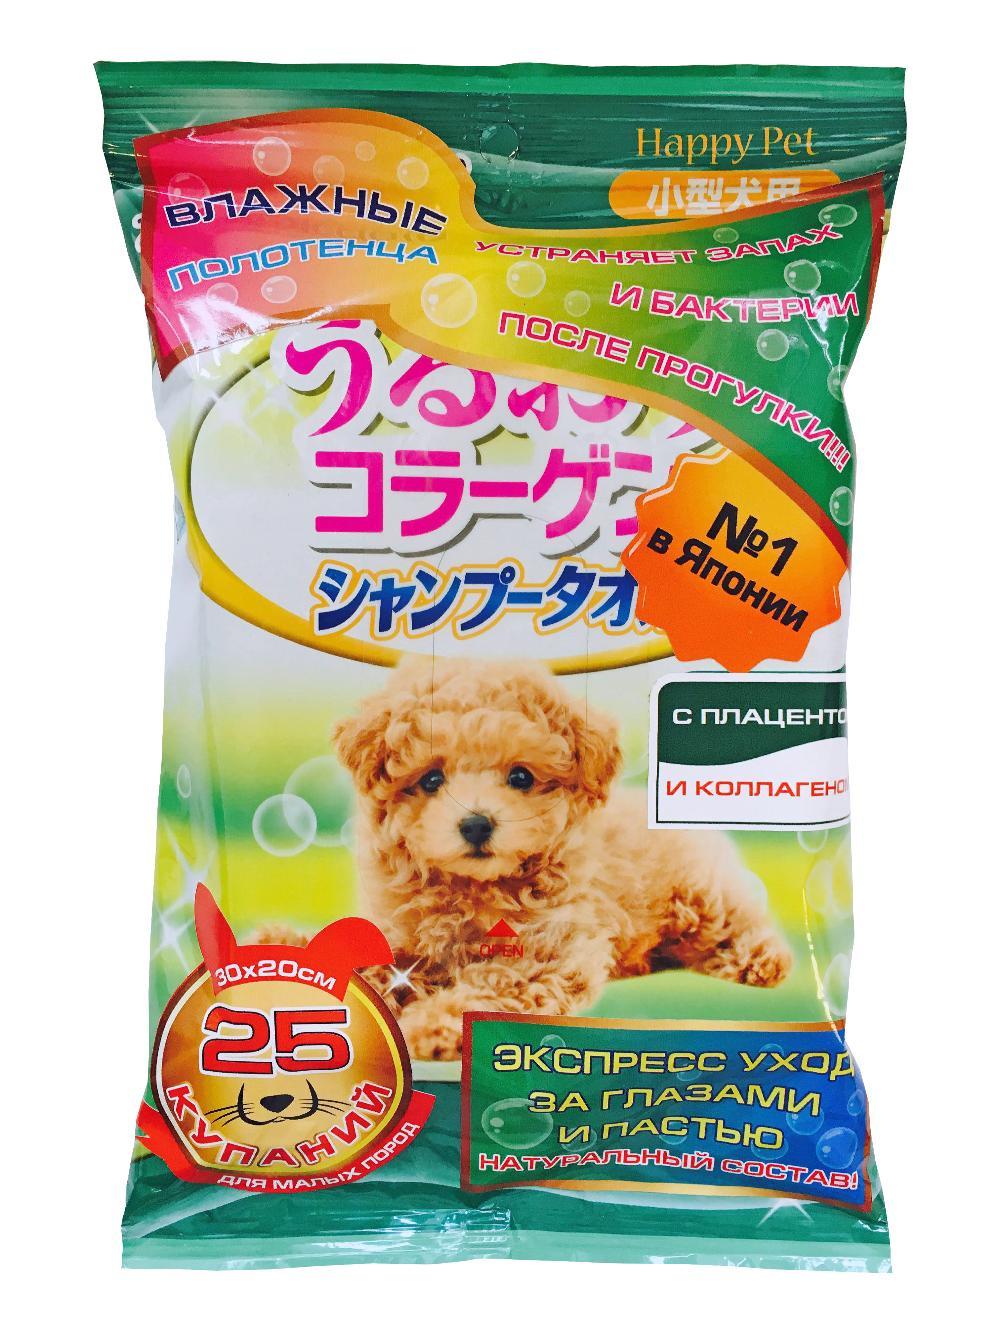 Шампуневые полотенца для экспресс-купания без воды, с коллагеном и плацентой, для маленьких и средних собак, 25 шт., Happy Pet фото